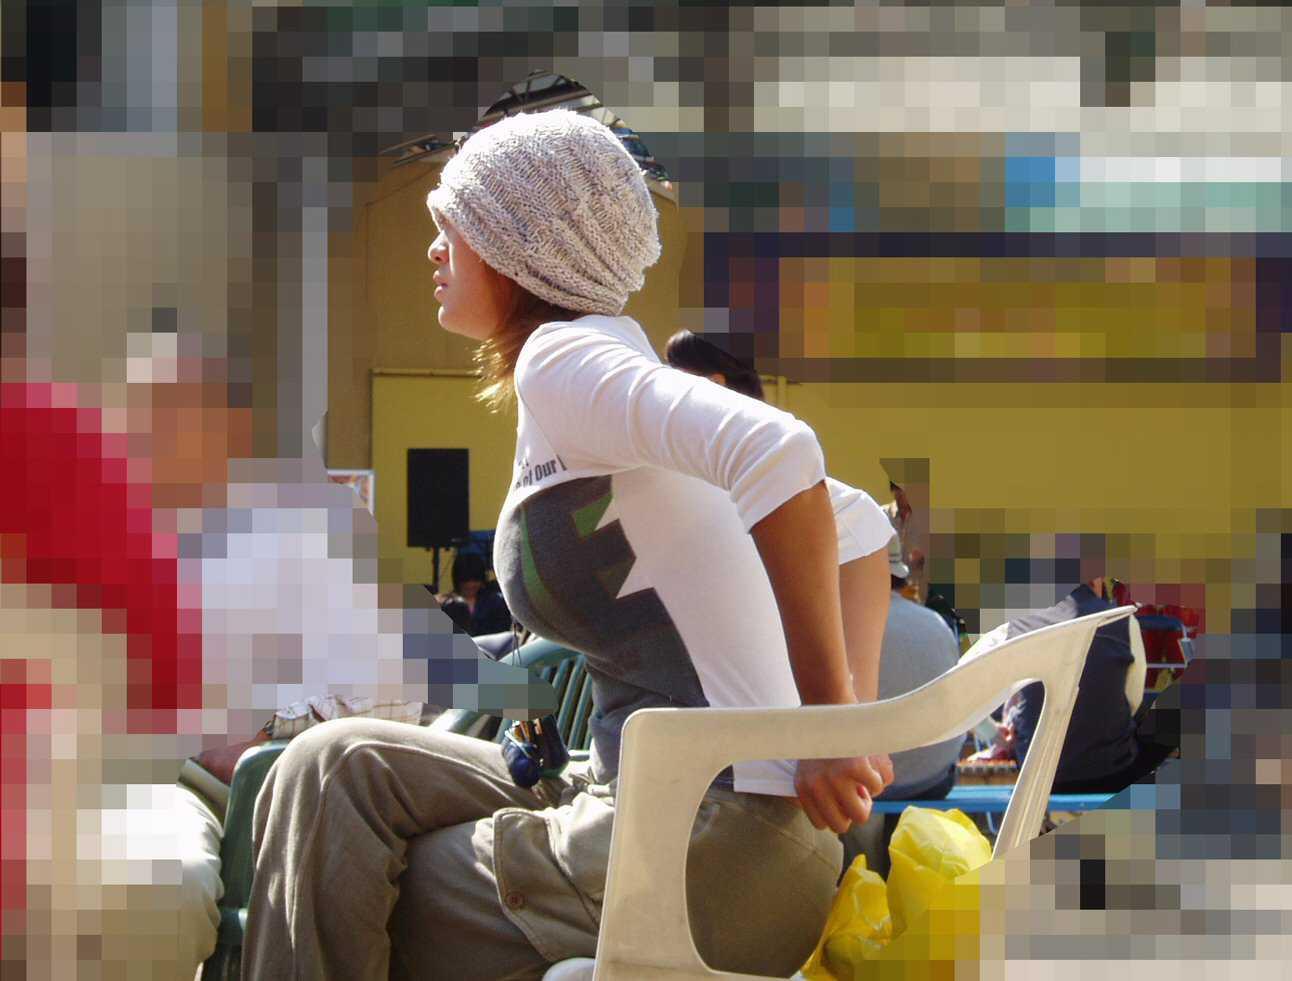 街を歩く巨乳女性 (17)